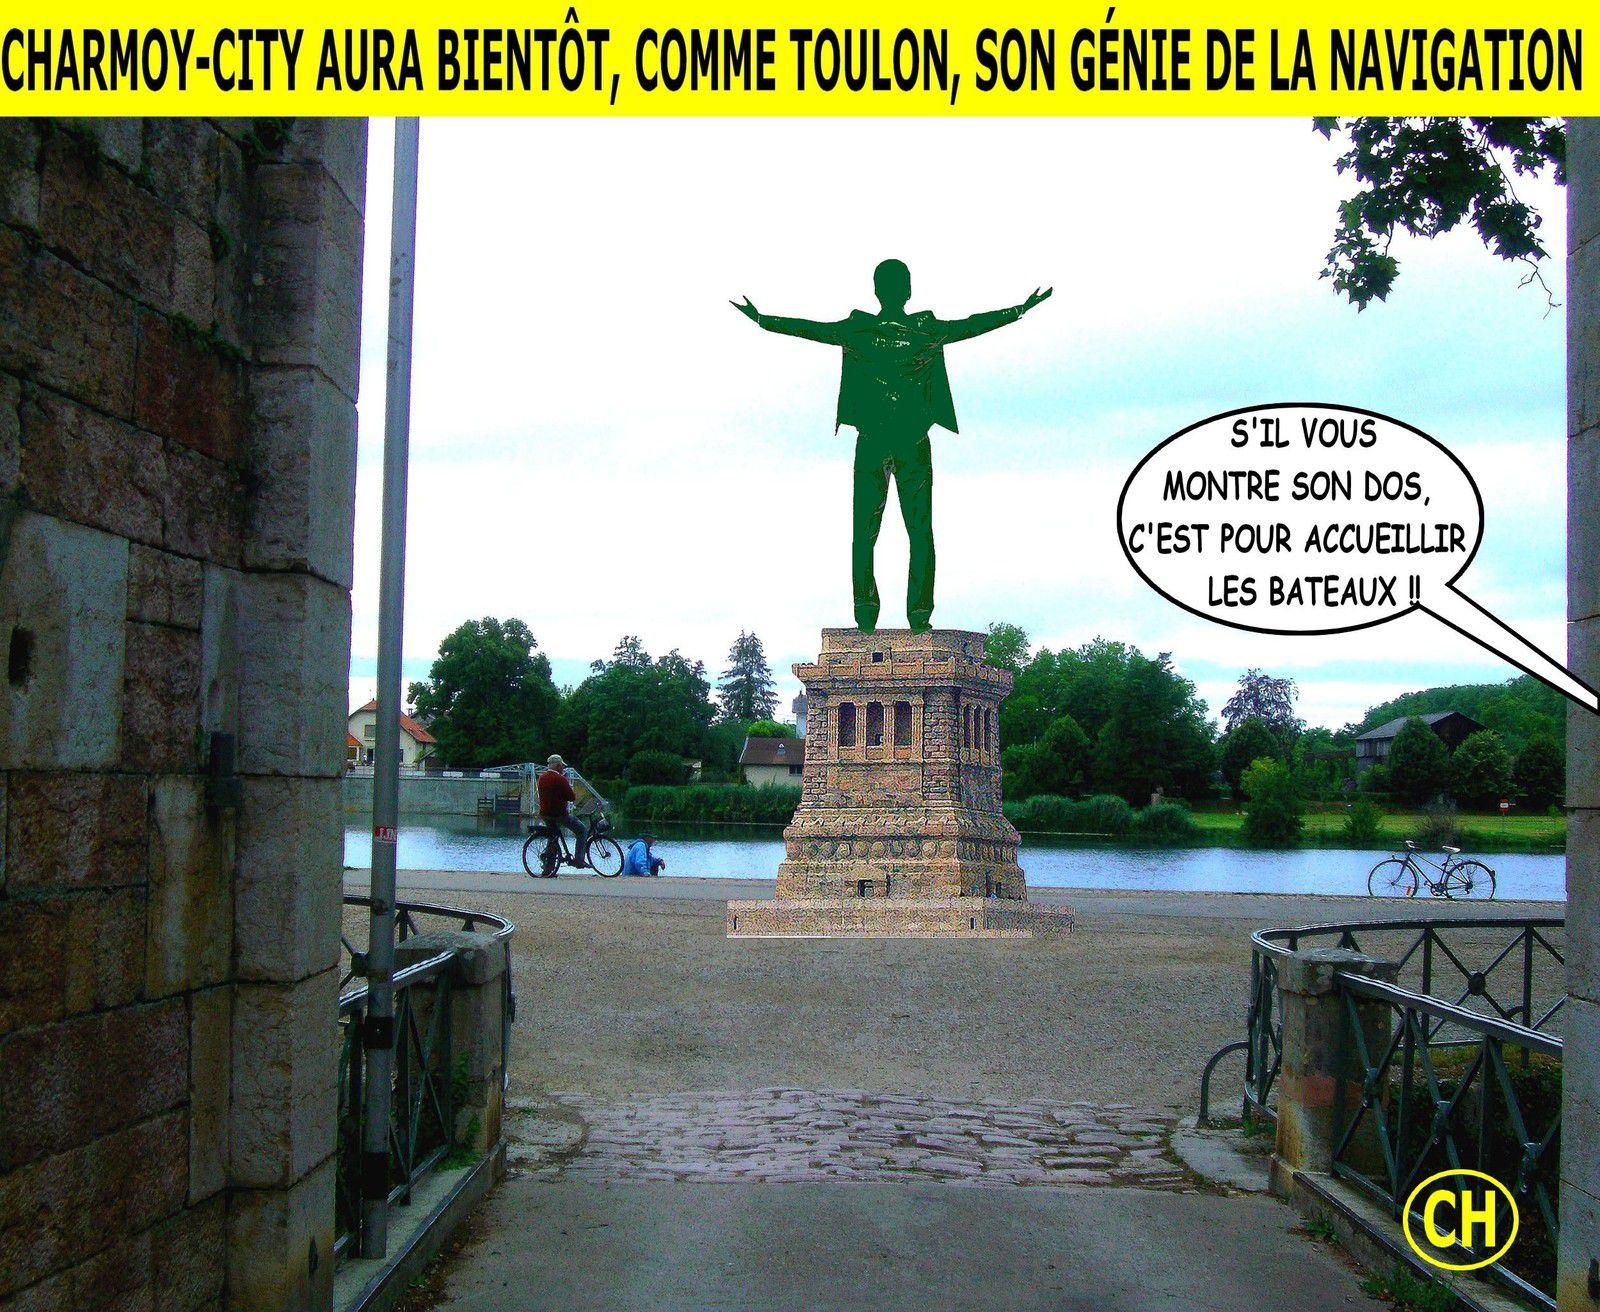 Charmoy-City aura bientôi, comme Toulon, son génie de la navigation.JPG